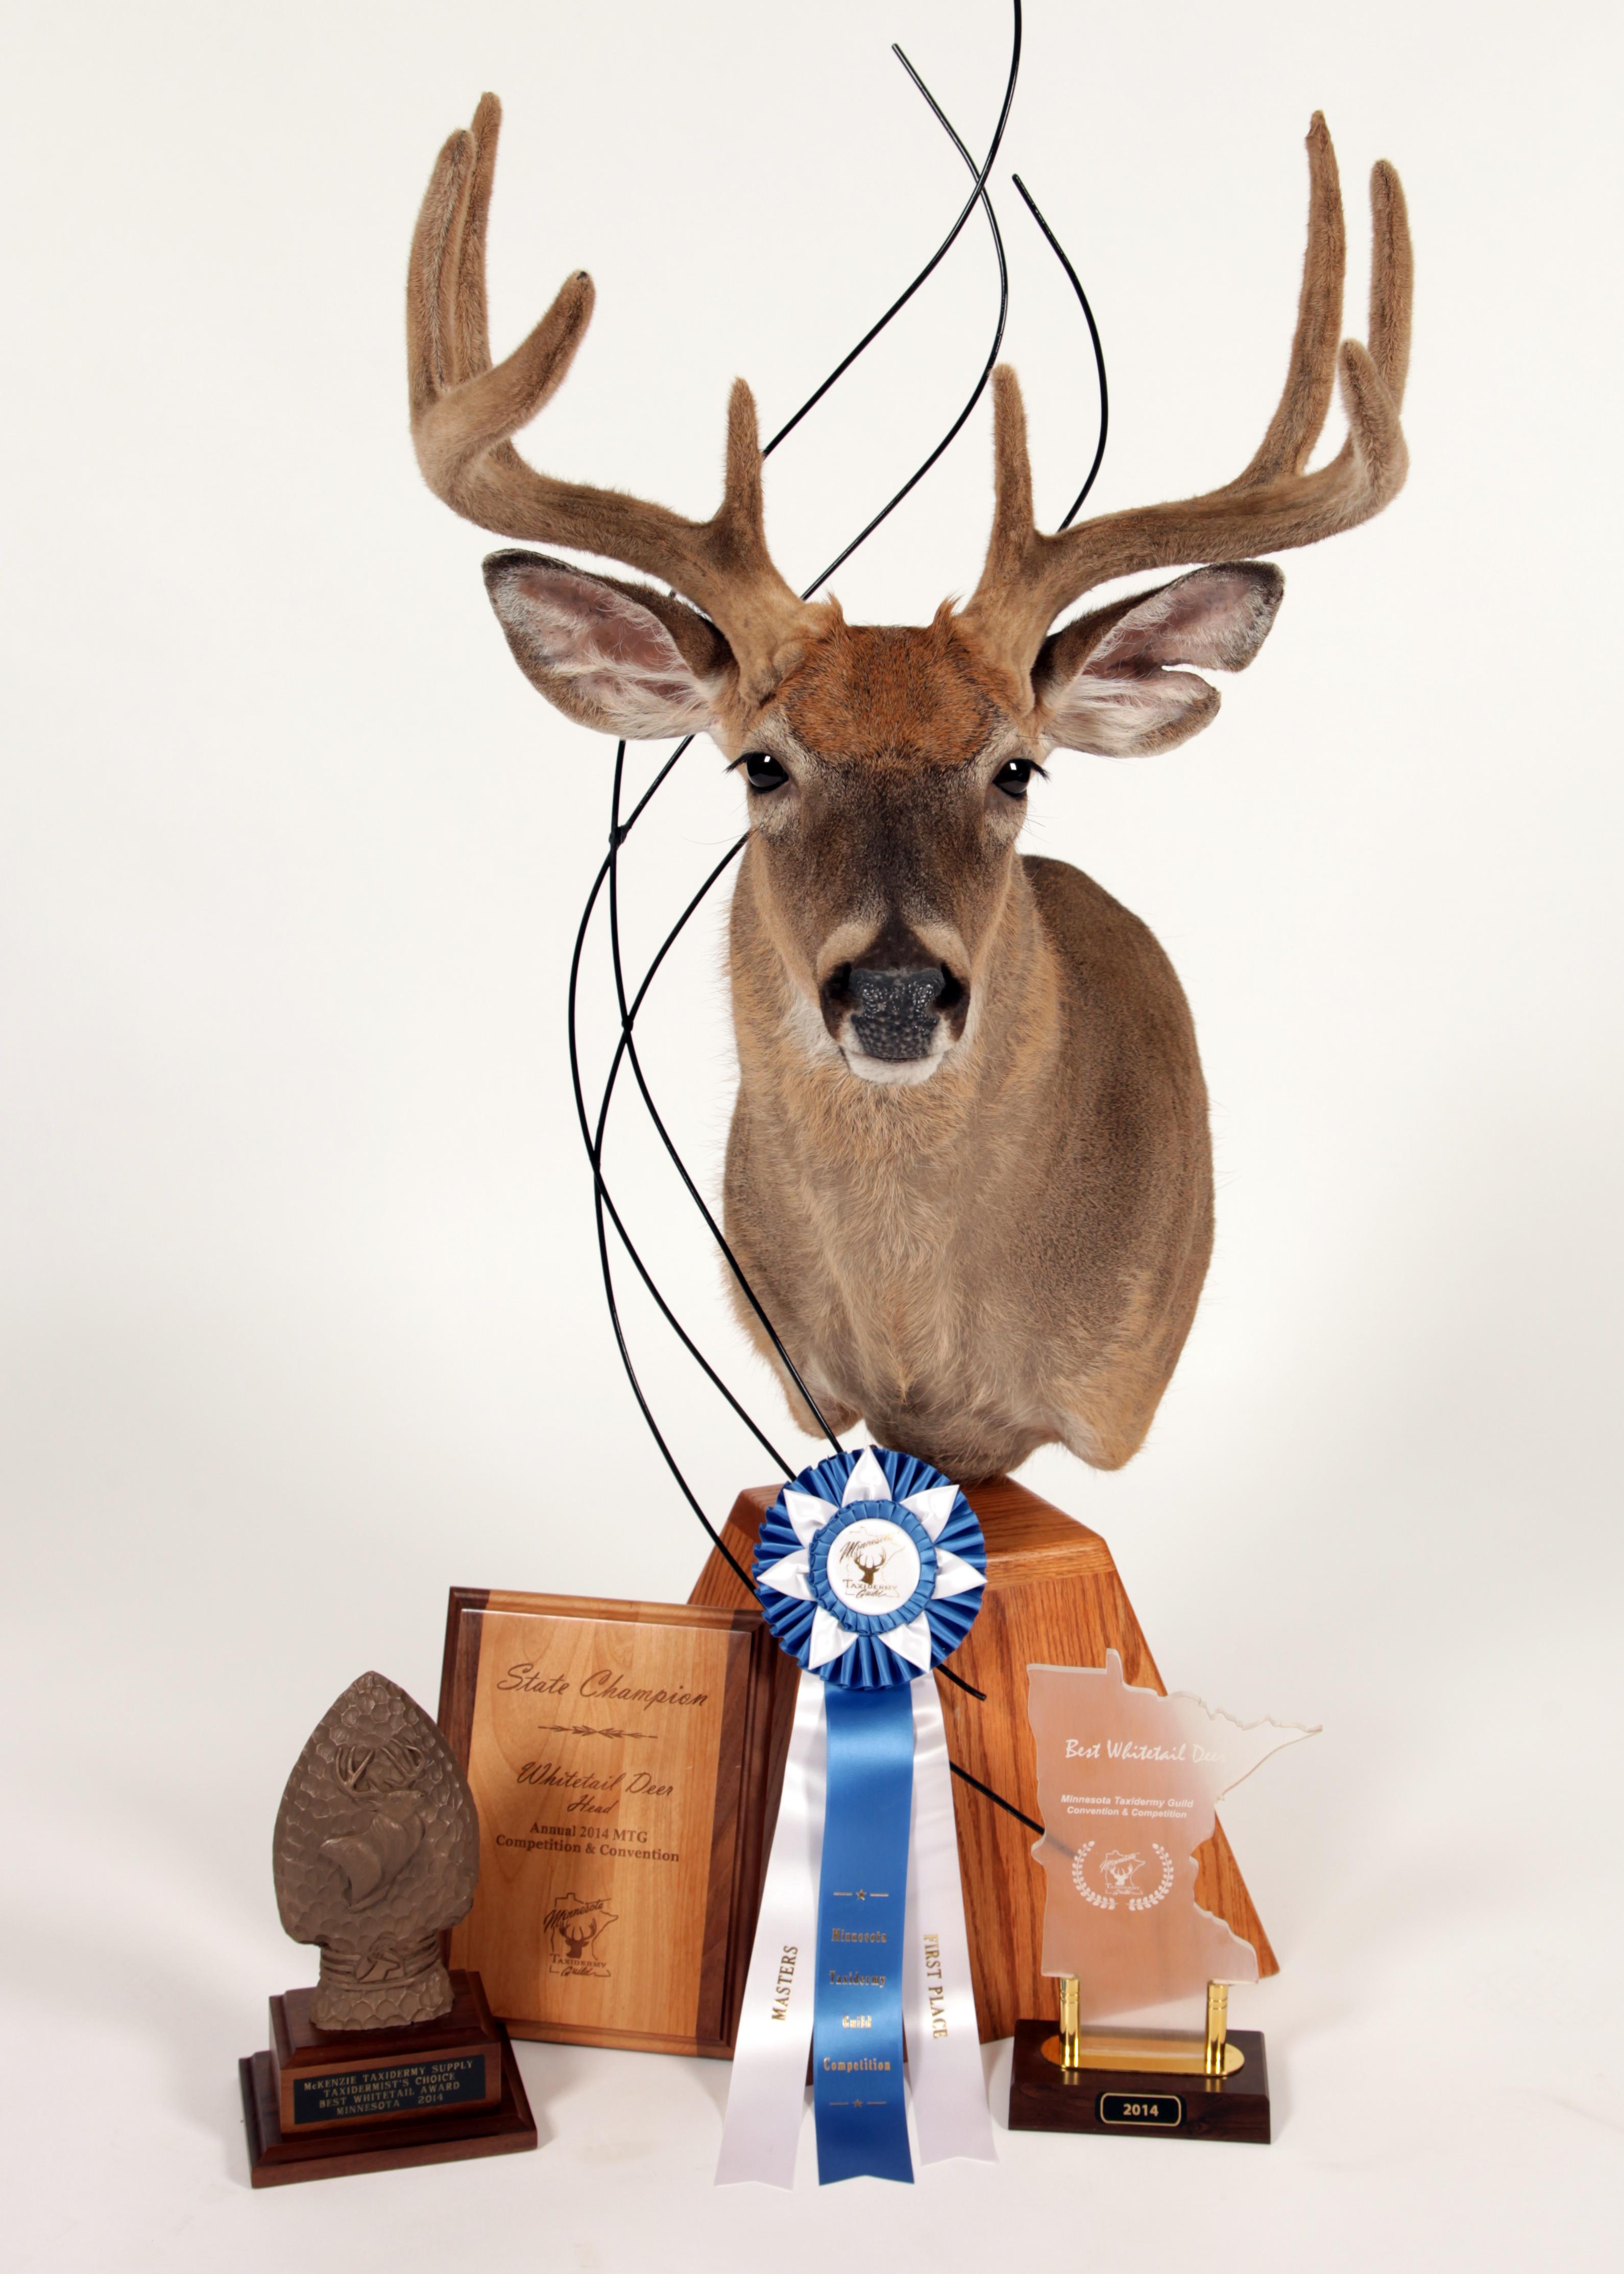 2014 State Champion Whitetail Deer